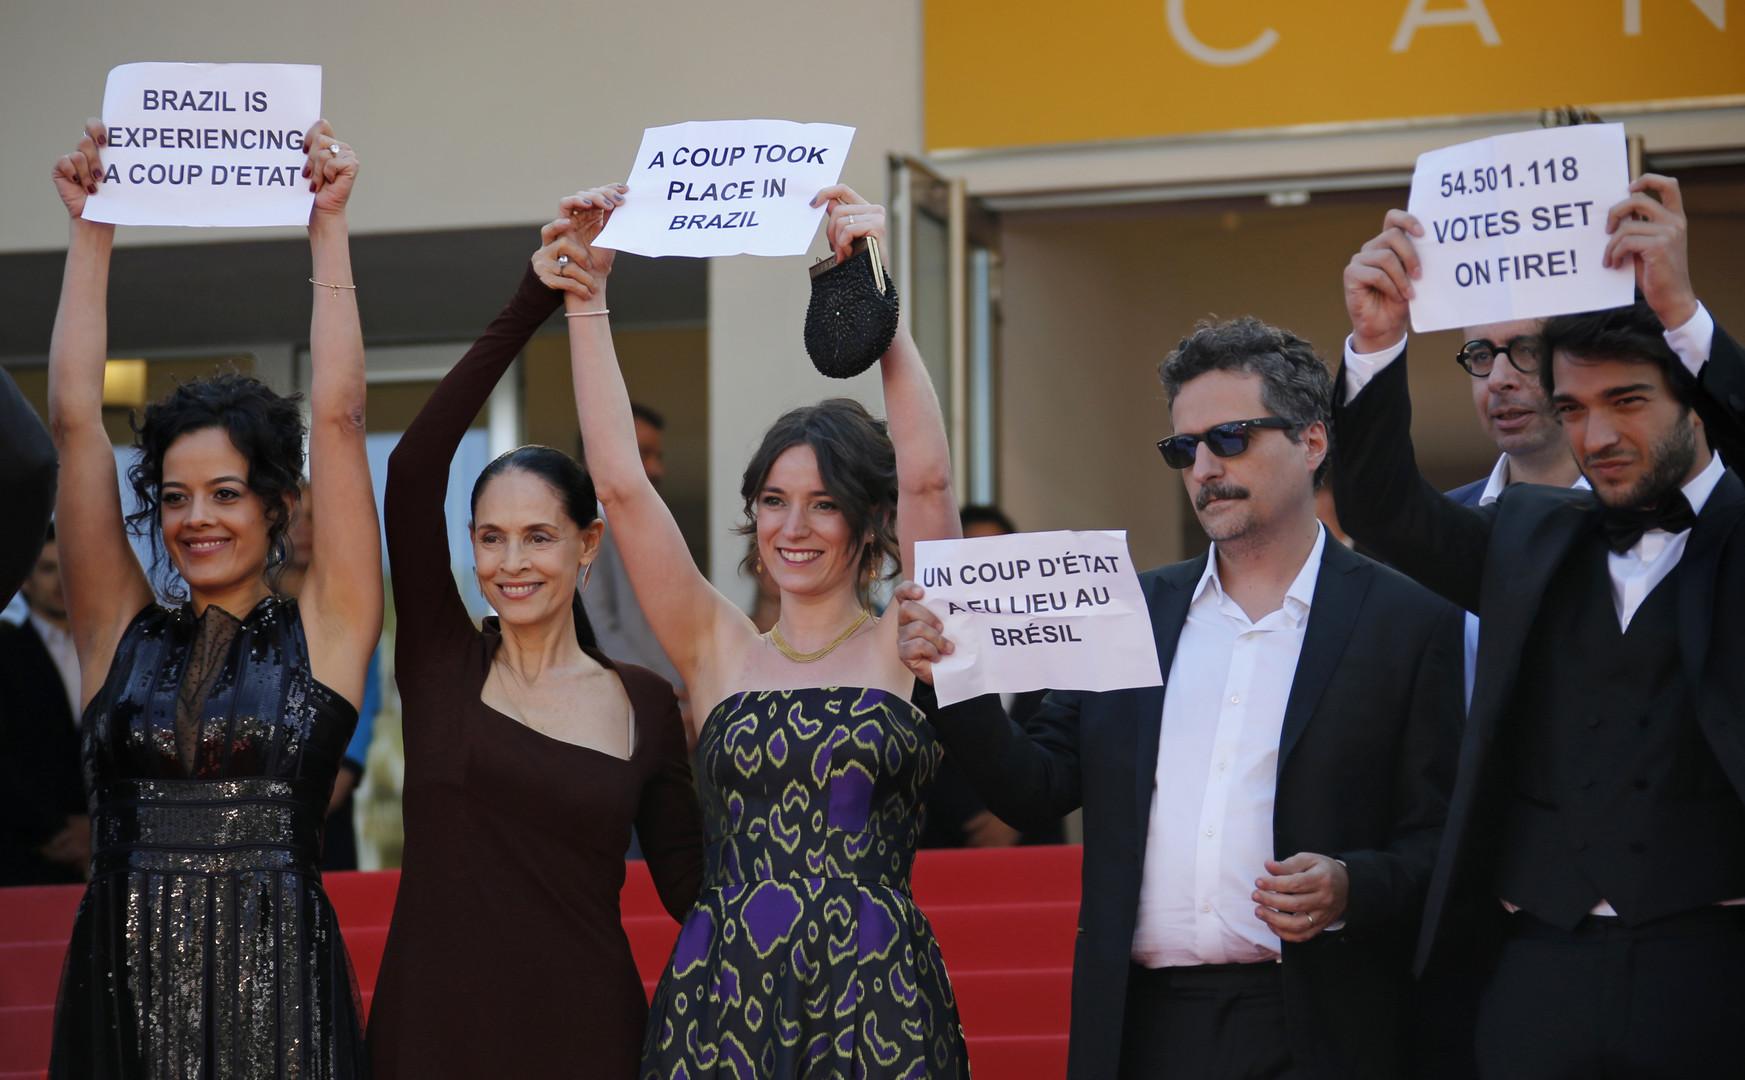 L'équipe du film brésilien «Aquarius» en compétition à Cannes condamne la destitution de la présidente brésilienne Dilma Roussef. Source: Reuters